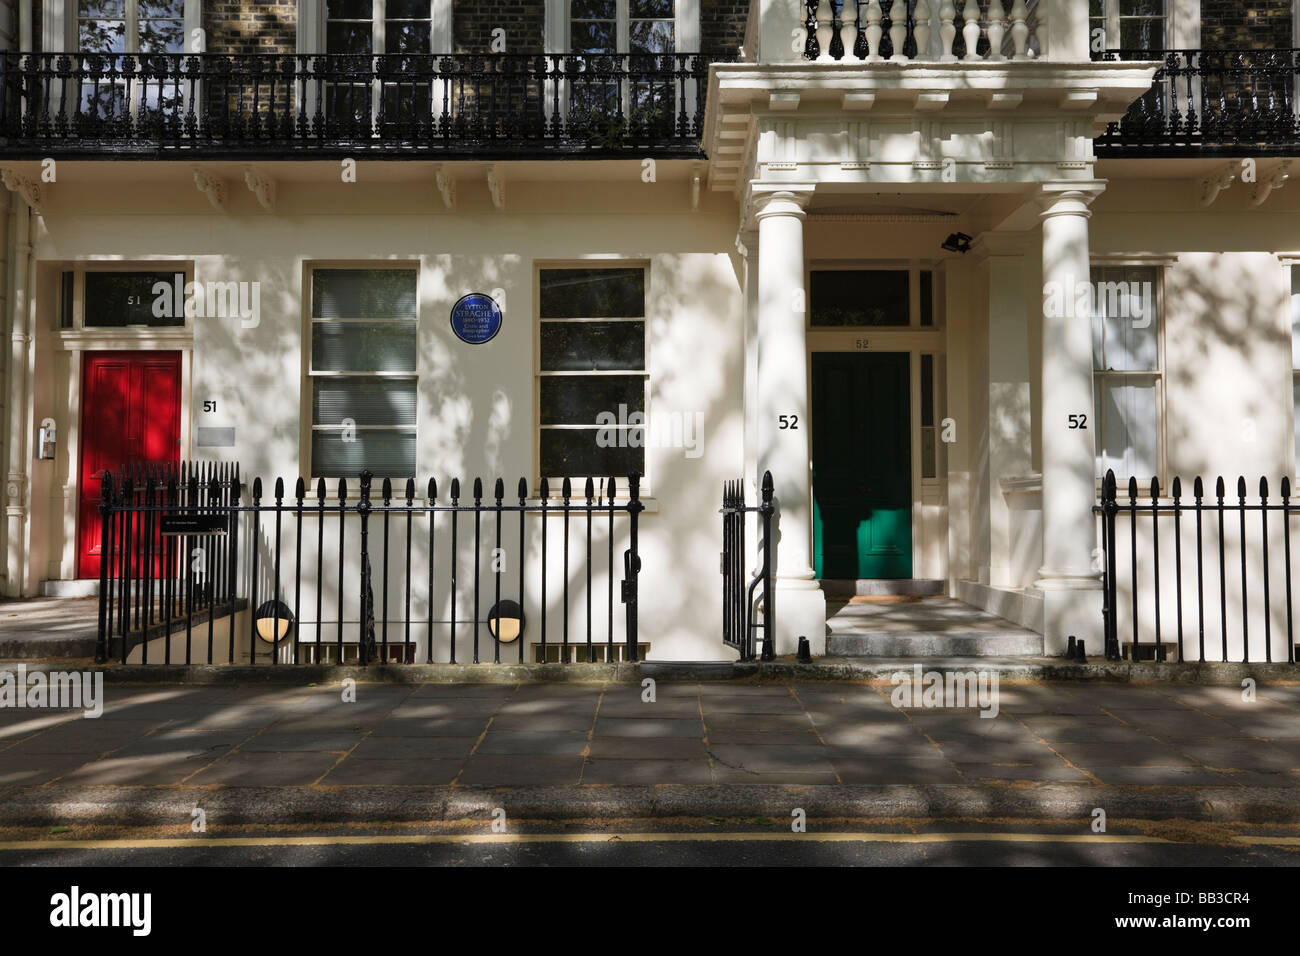 51 et 52 51 carrés Gordon était la maison de Lytton Strachey Bloomsbury Londres UK Banque D'Images